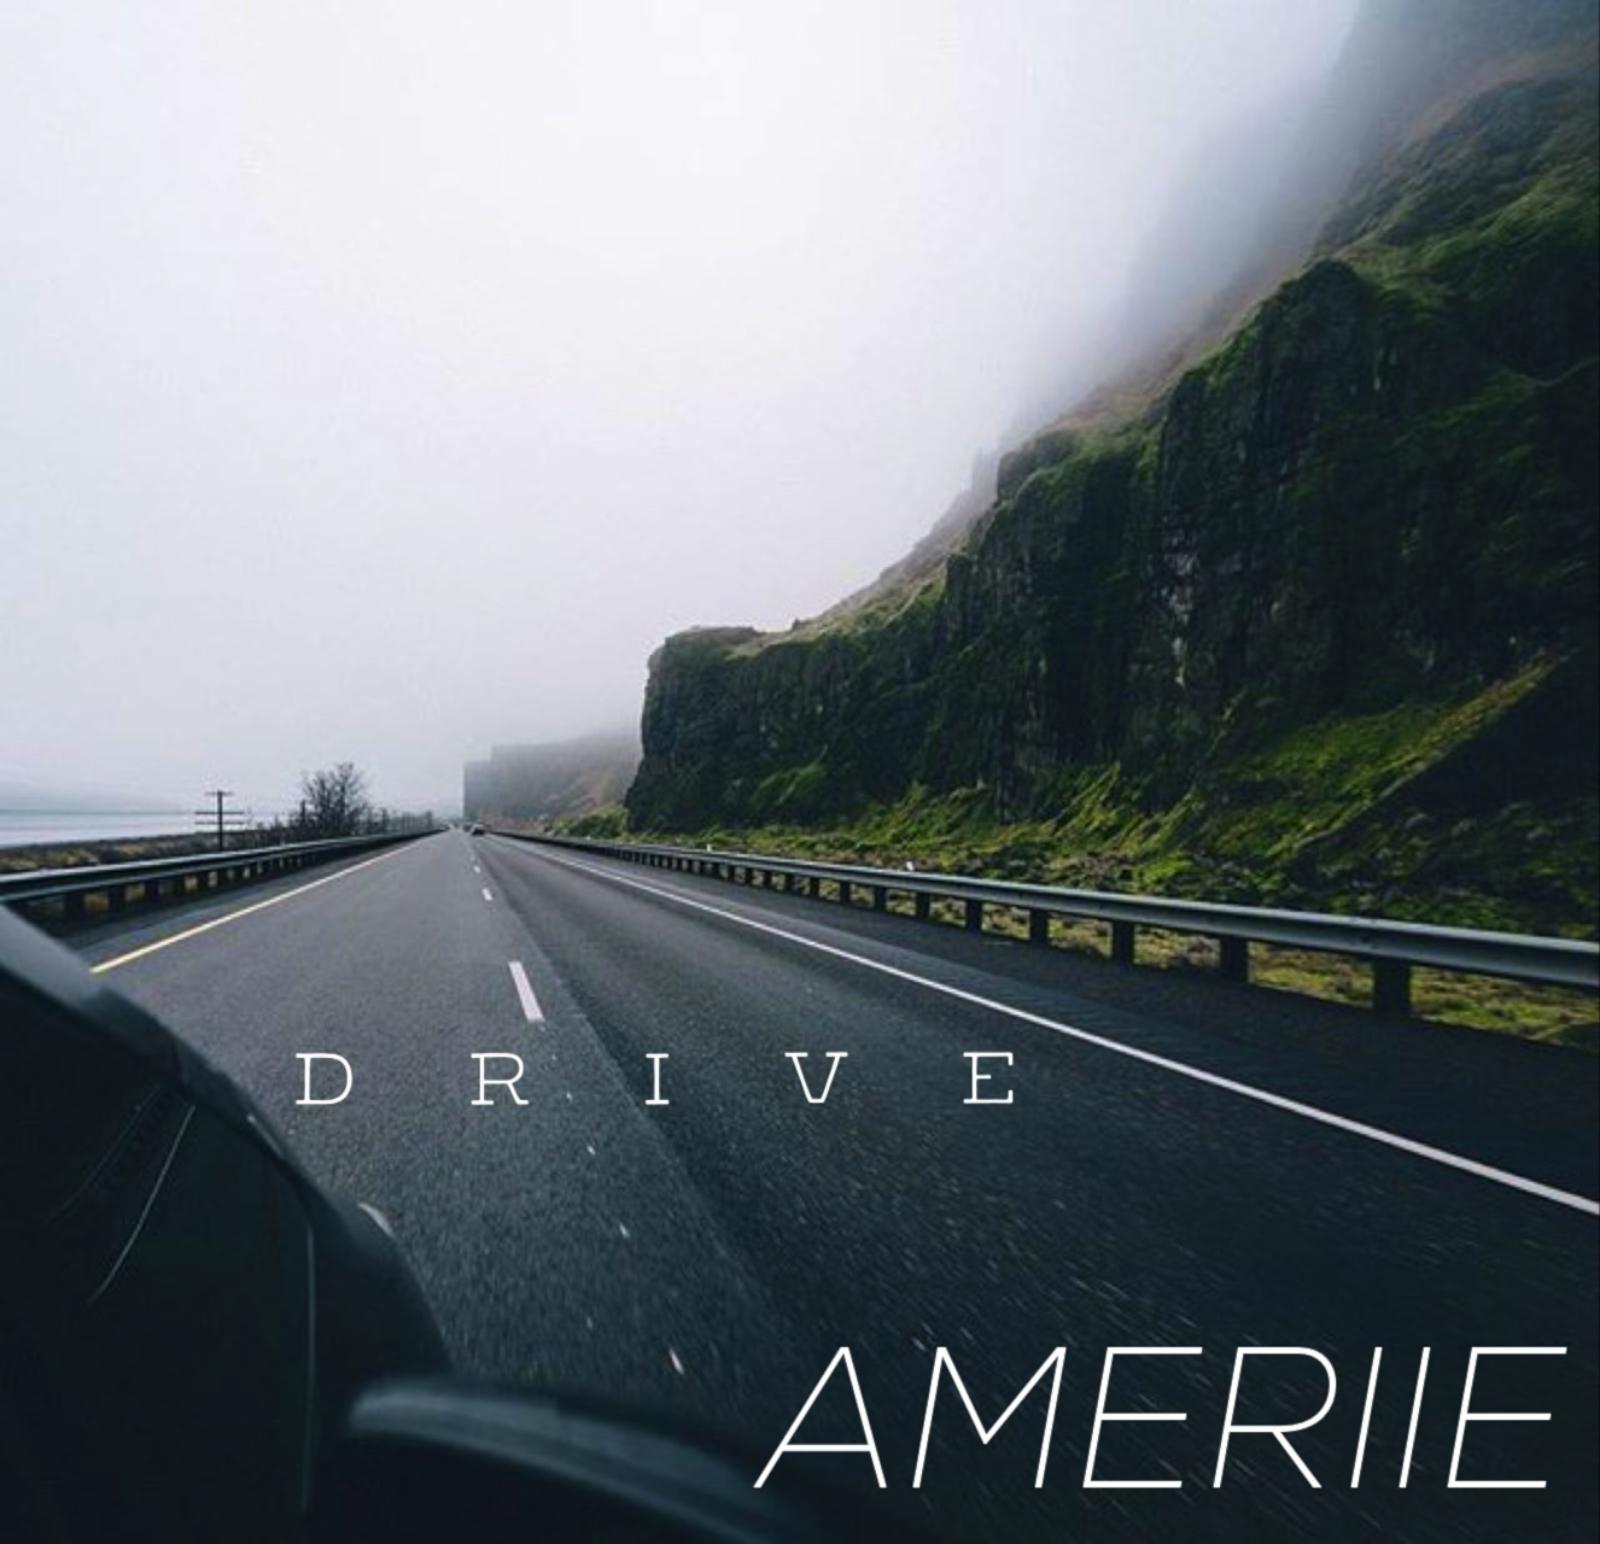 AmeriieDRIVE EP Cover photo.jpg